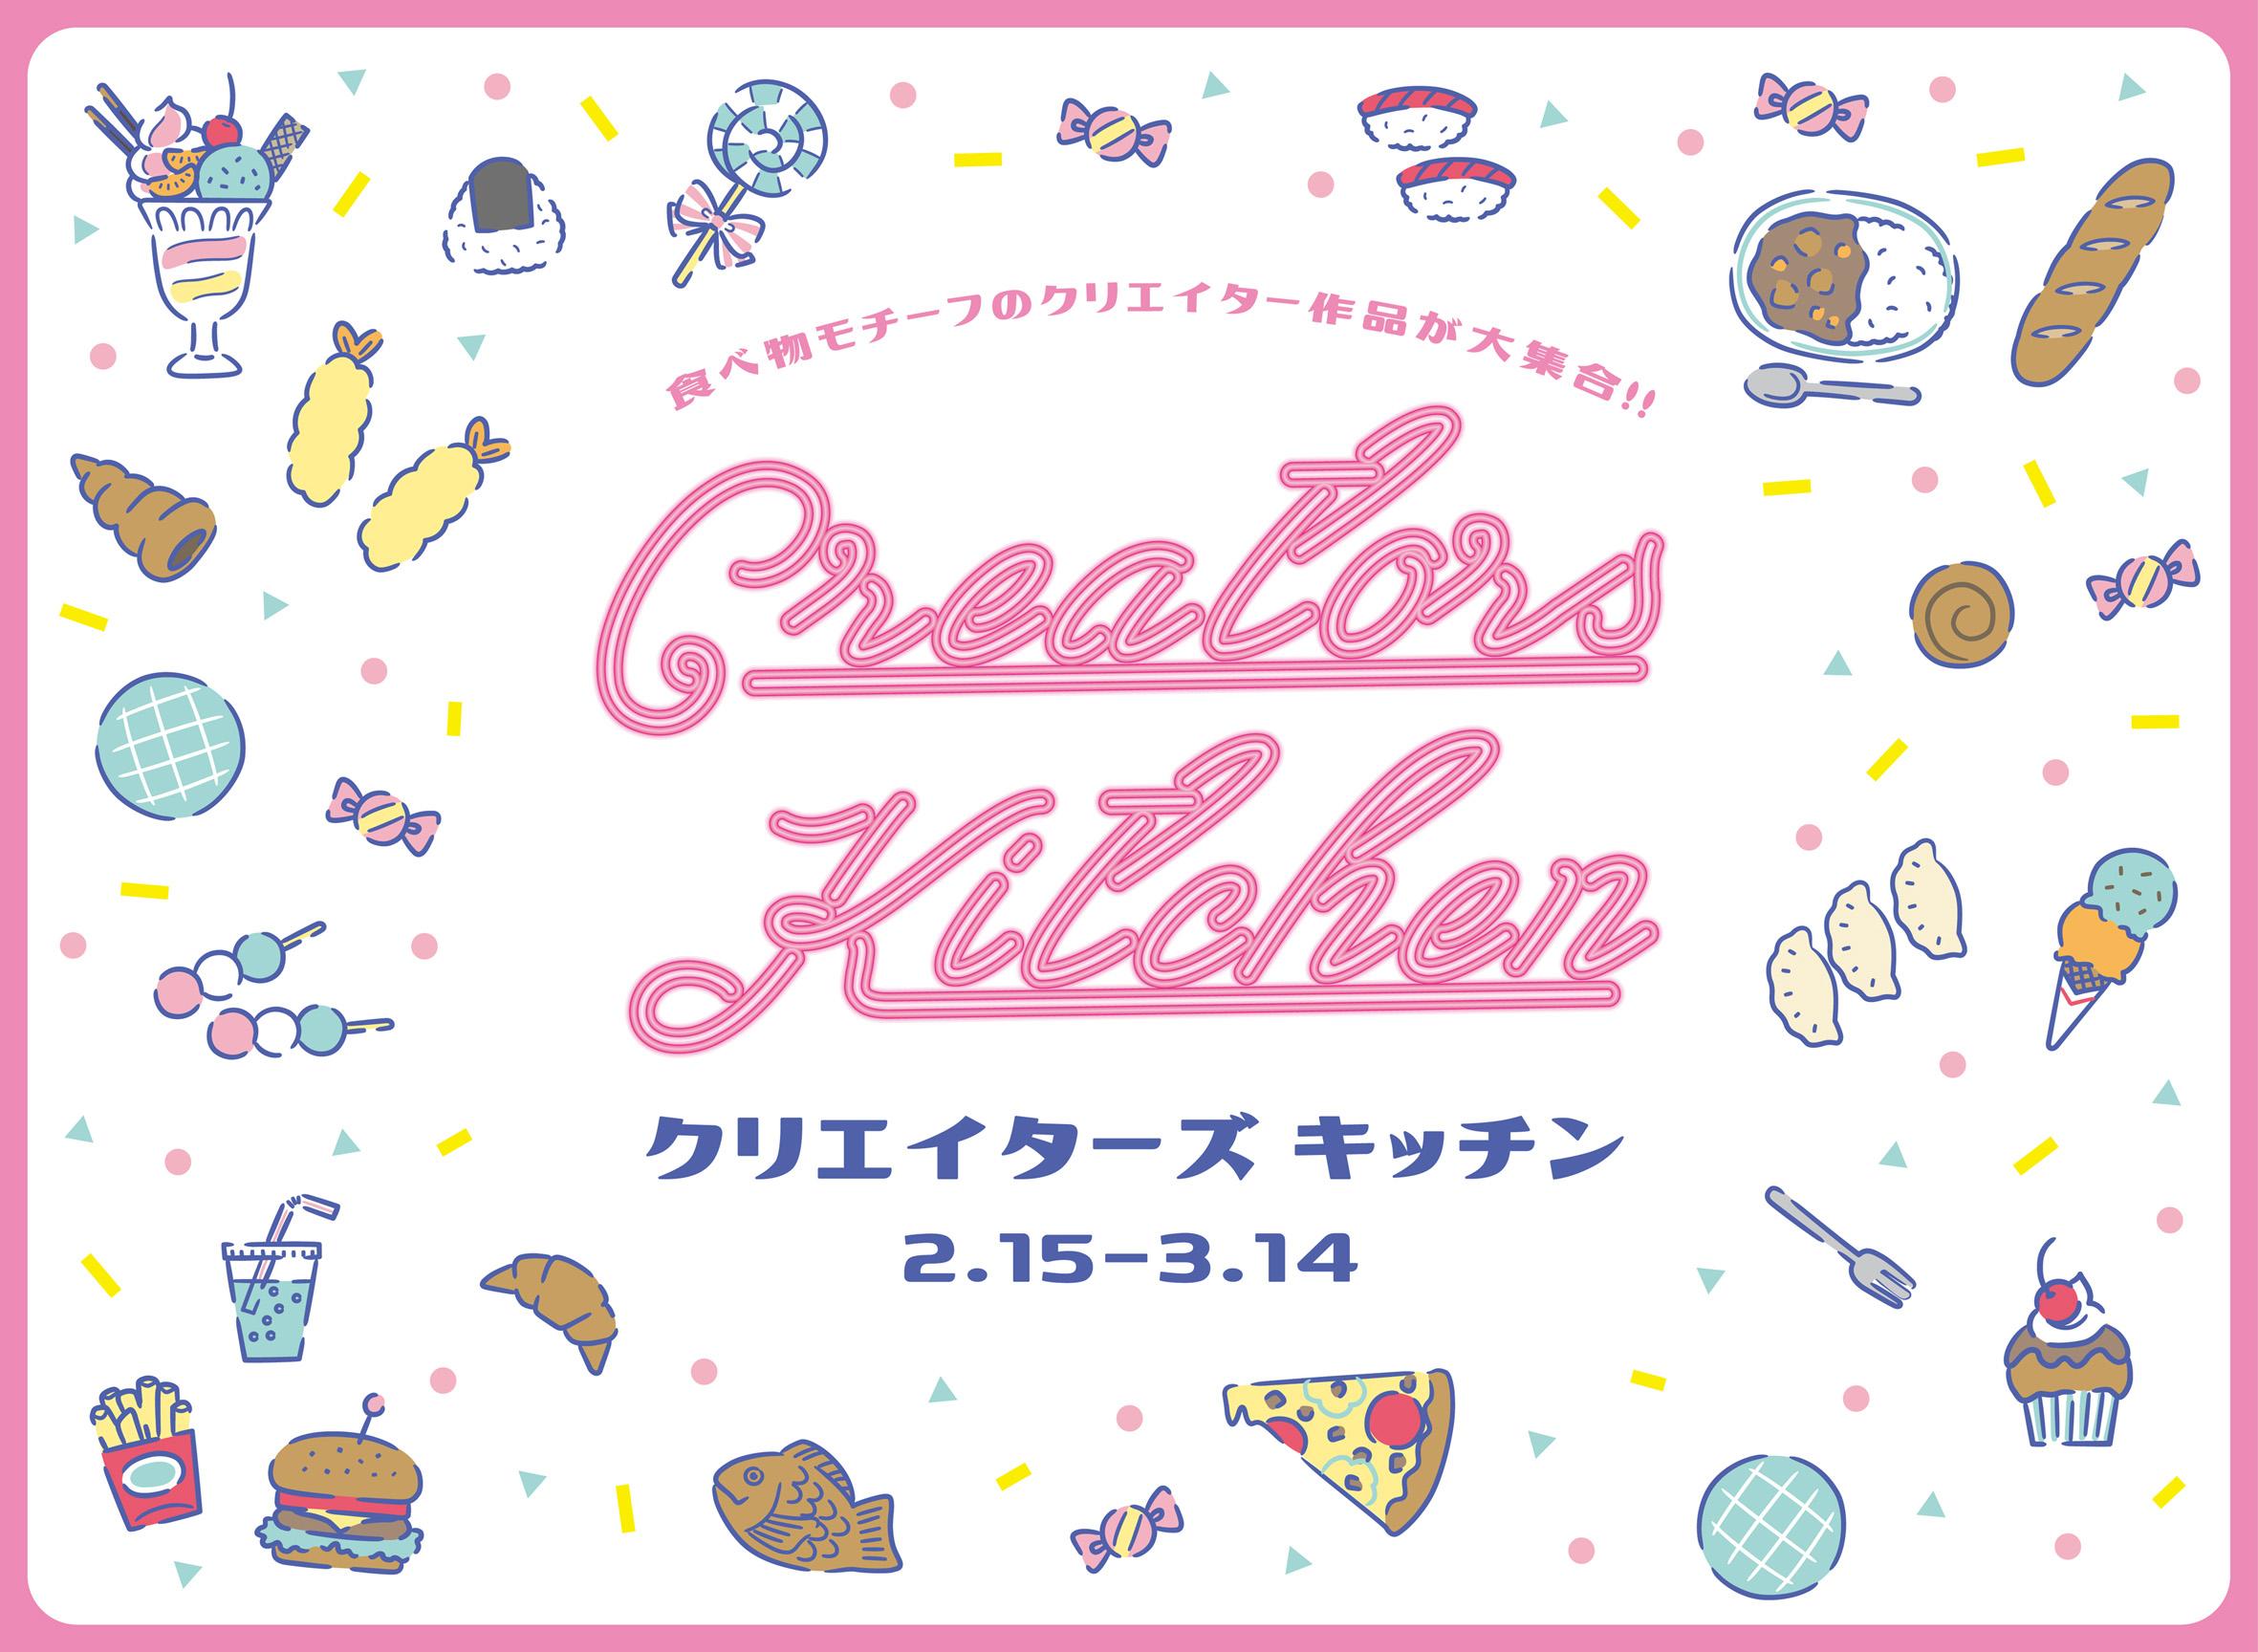 横浜ハンズ「クリエイターズキッチン」出店します!